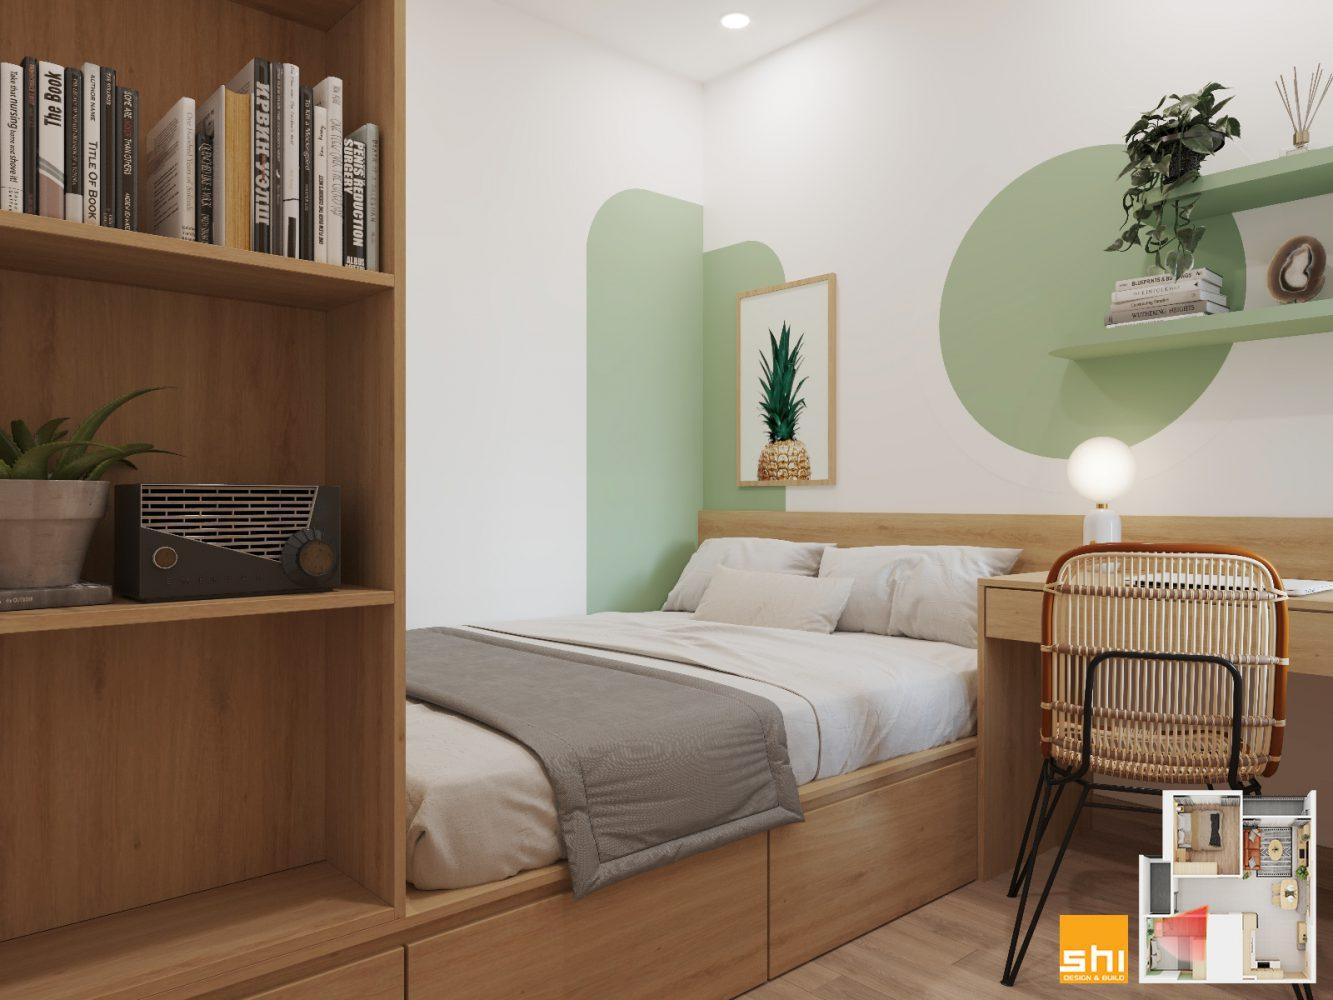 Thiết kế nội thất căn hộ 65m2 2 phòng ngủ - 09